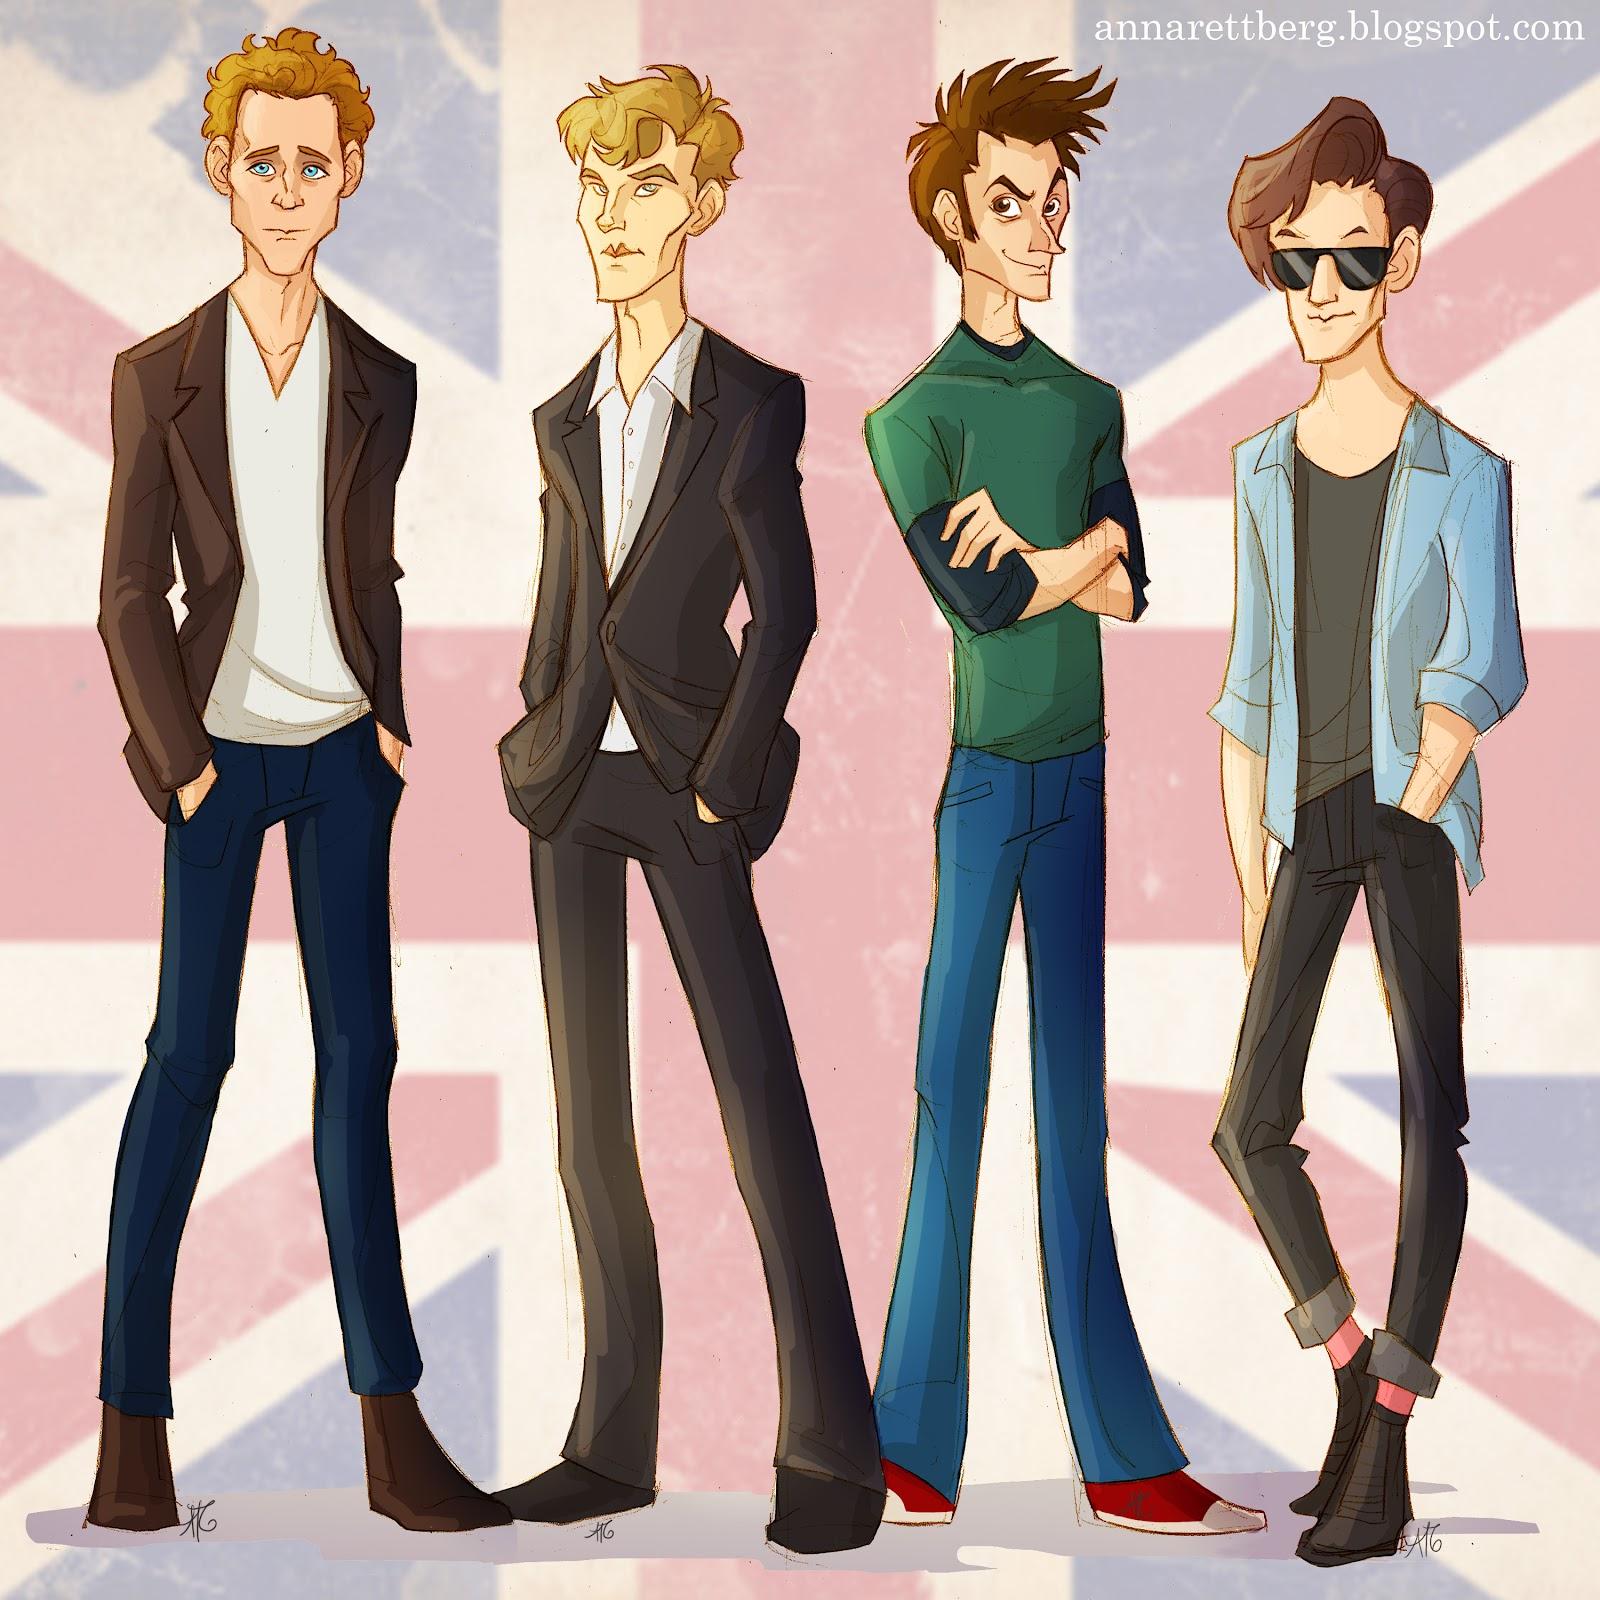 http://4.bp.blogspot.com/-vA3fRdnRd8c/T8krjMxkgjI/AAAAAAAABow/21ftCcarwQ0/s1600/BritishBoys2.jpg